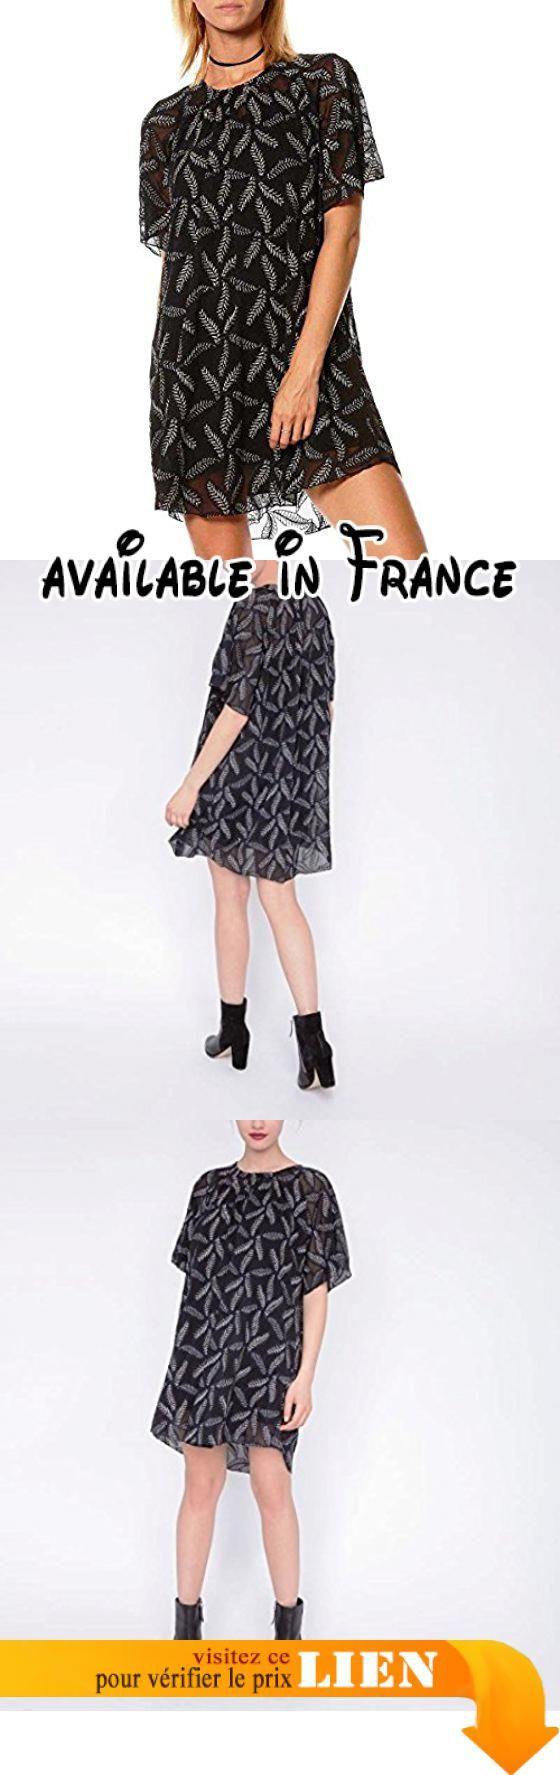 Robe brodée en voile SUNCOO pour femme.  #Apparel #SHIRT